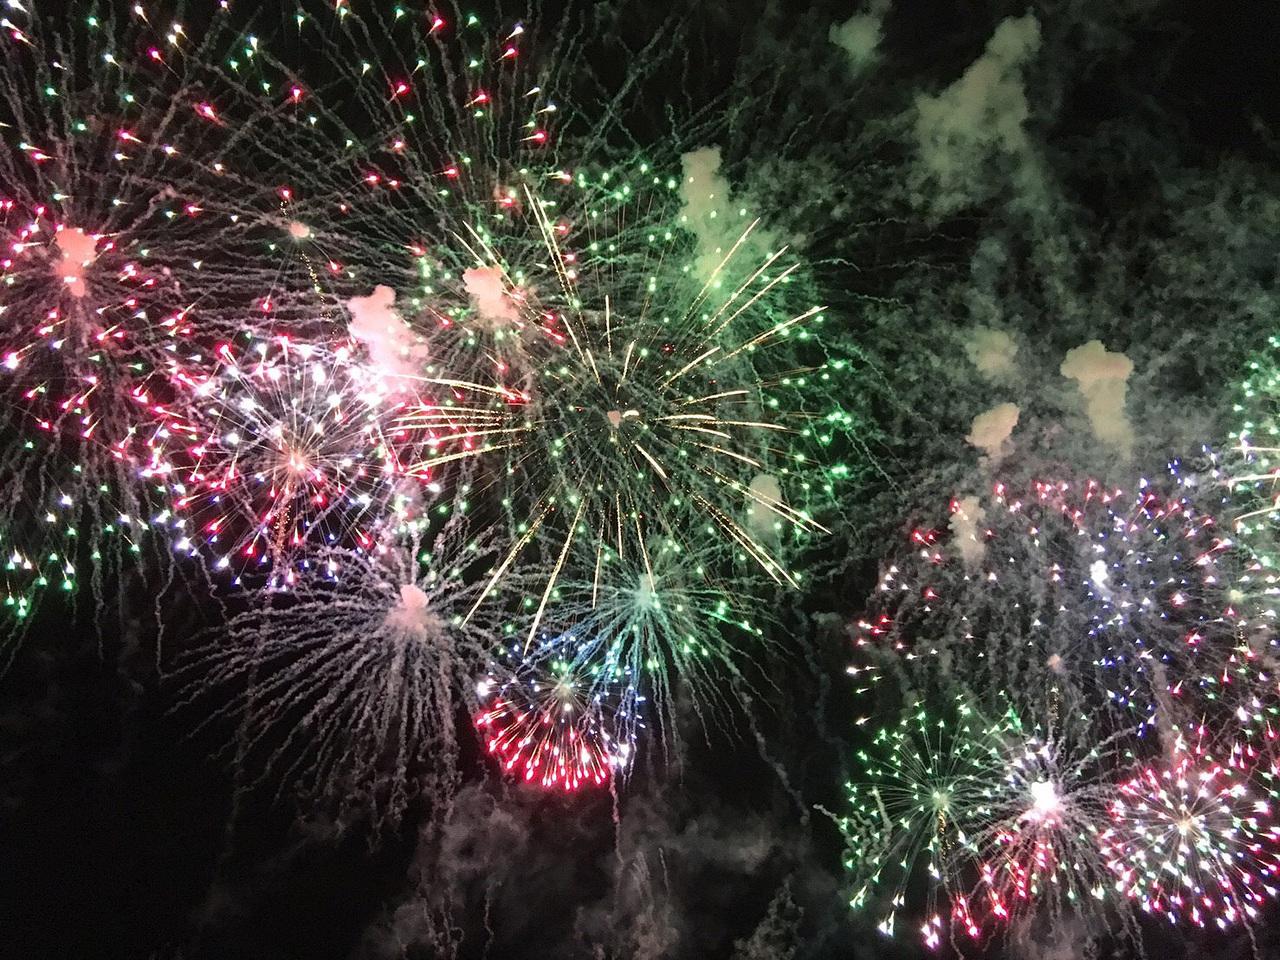 札幌の夜を彩る新たな風物詩 モエレ沼芸術花火。 札幌